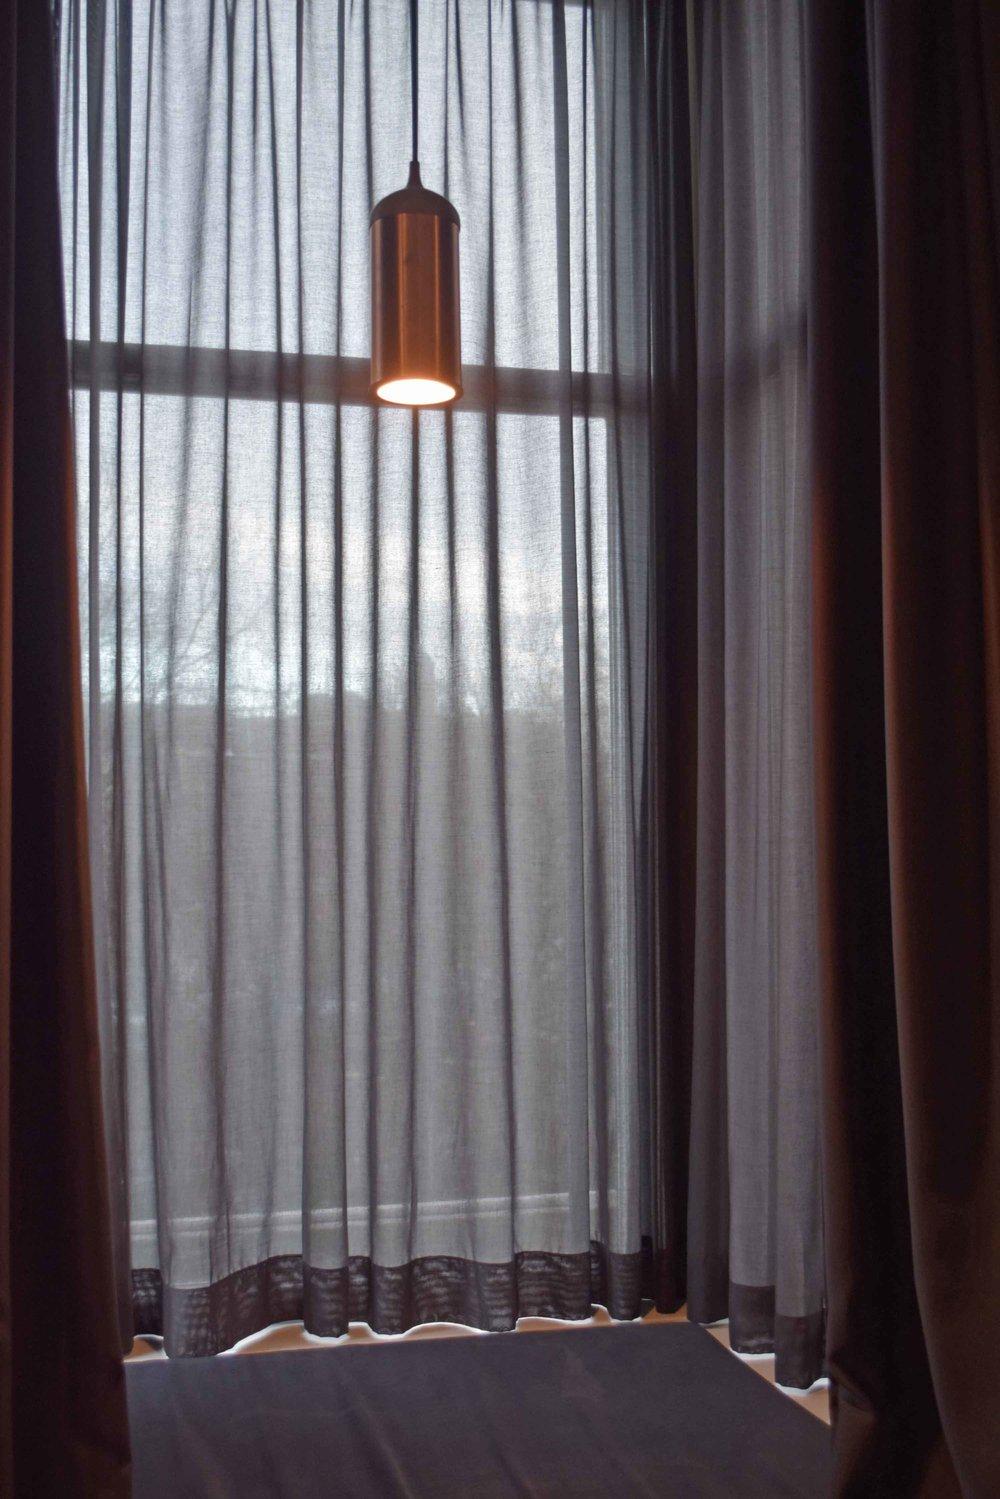 Amsterdam Interior Design Hotel No.377 detail 4 - ©Detail Movement